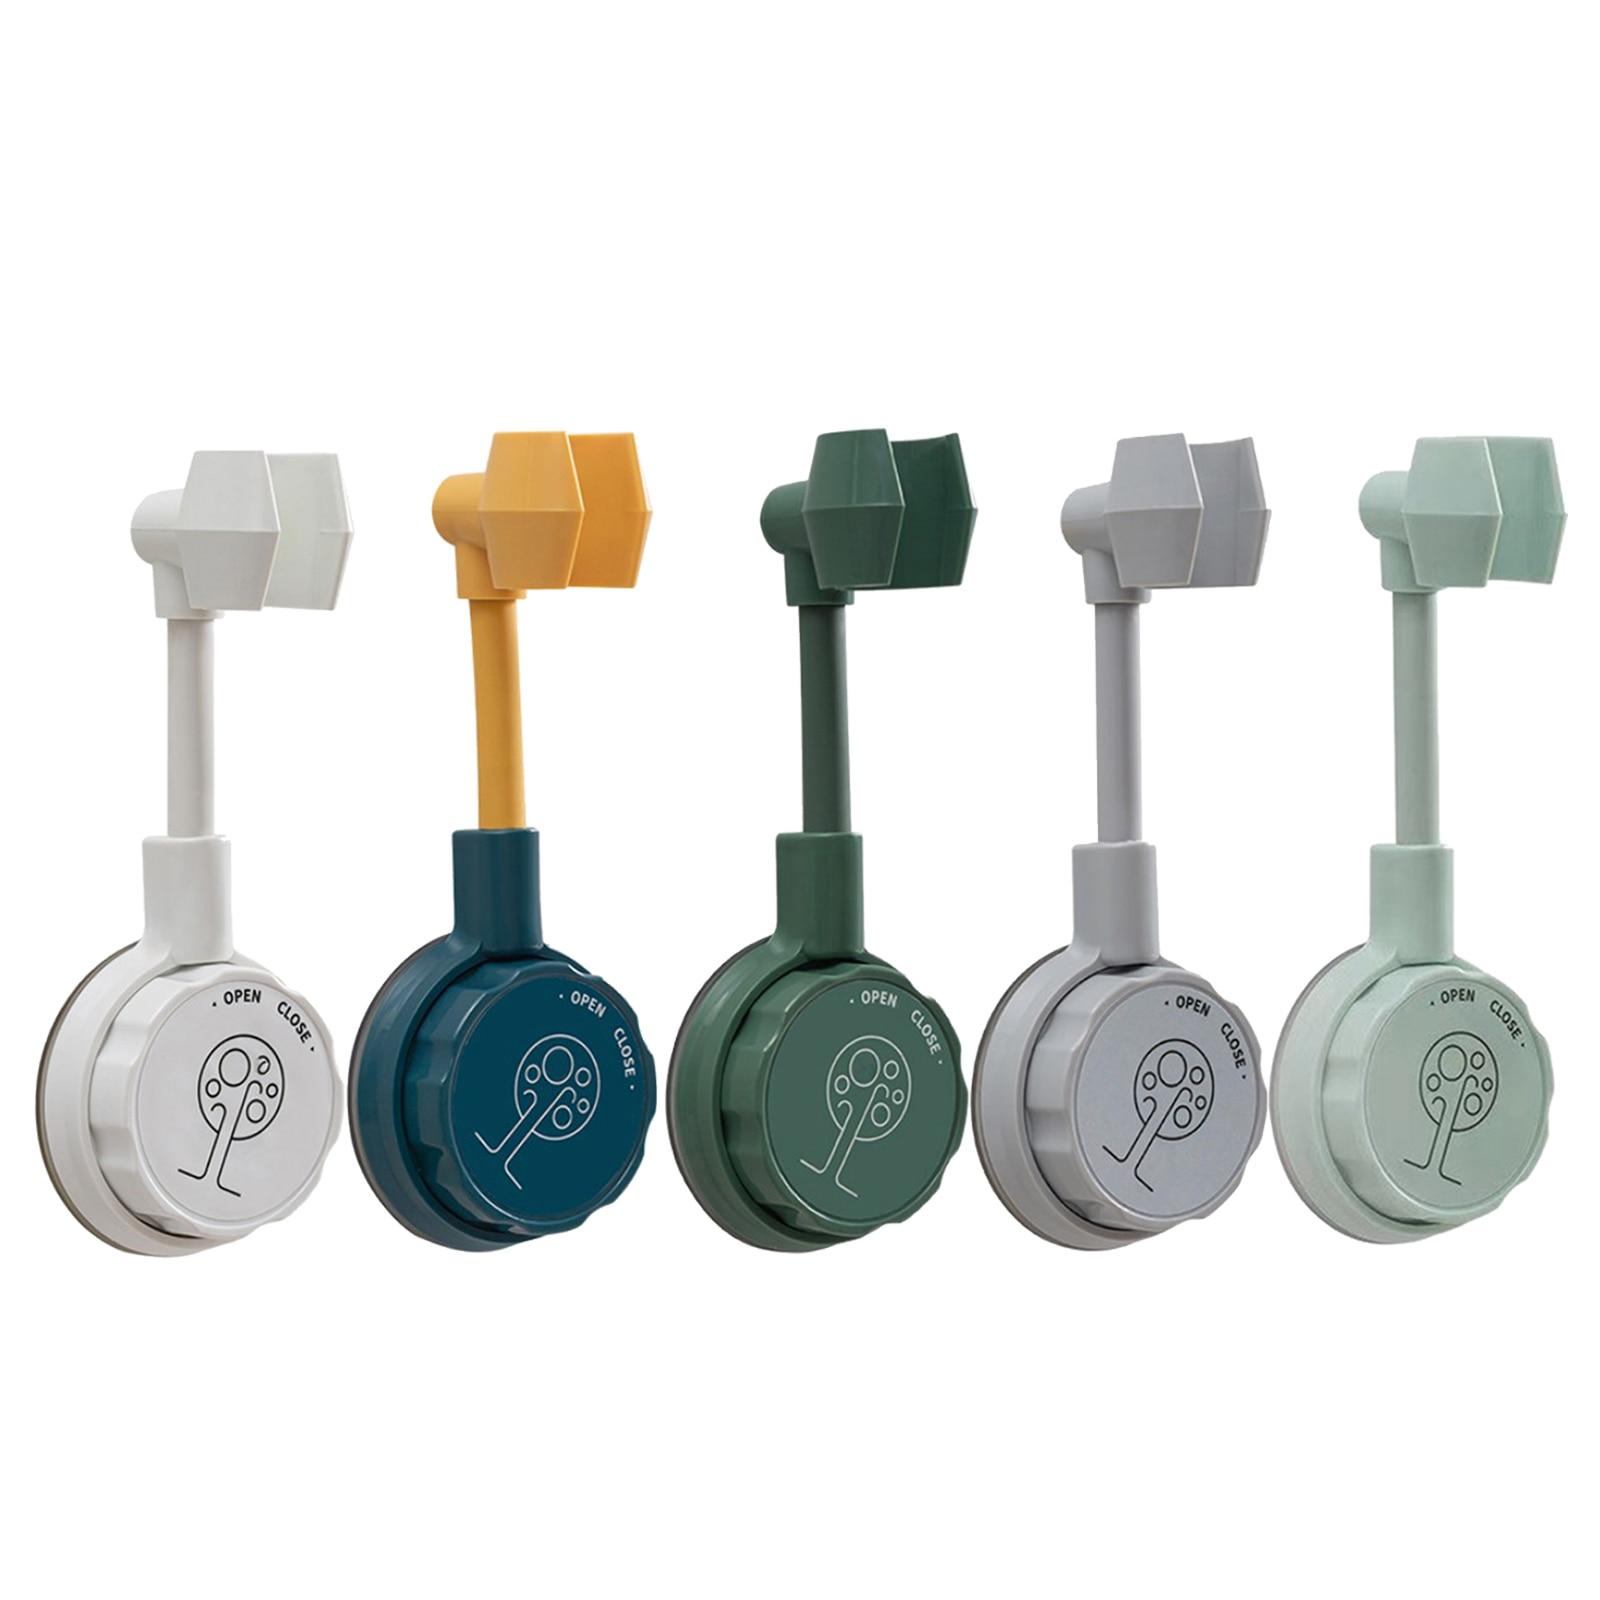 360 ° Punch-фри универсальные регулируемый кронштейн для душа Ванная комната Насадки для душа держатель настенный регулировочный кронштейн